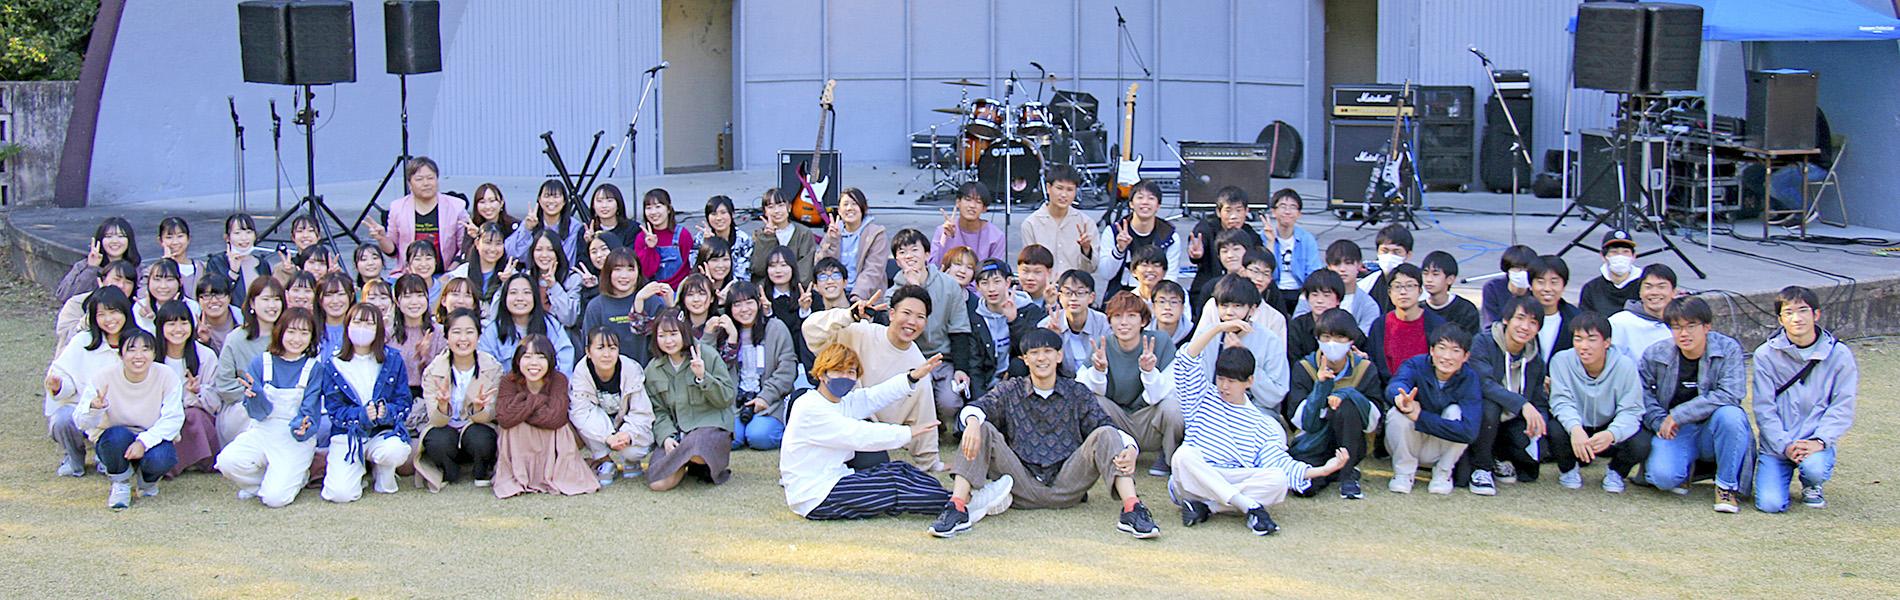 2021.03.23 卒業ライブ 46th & 47th